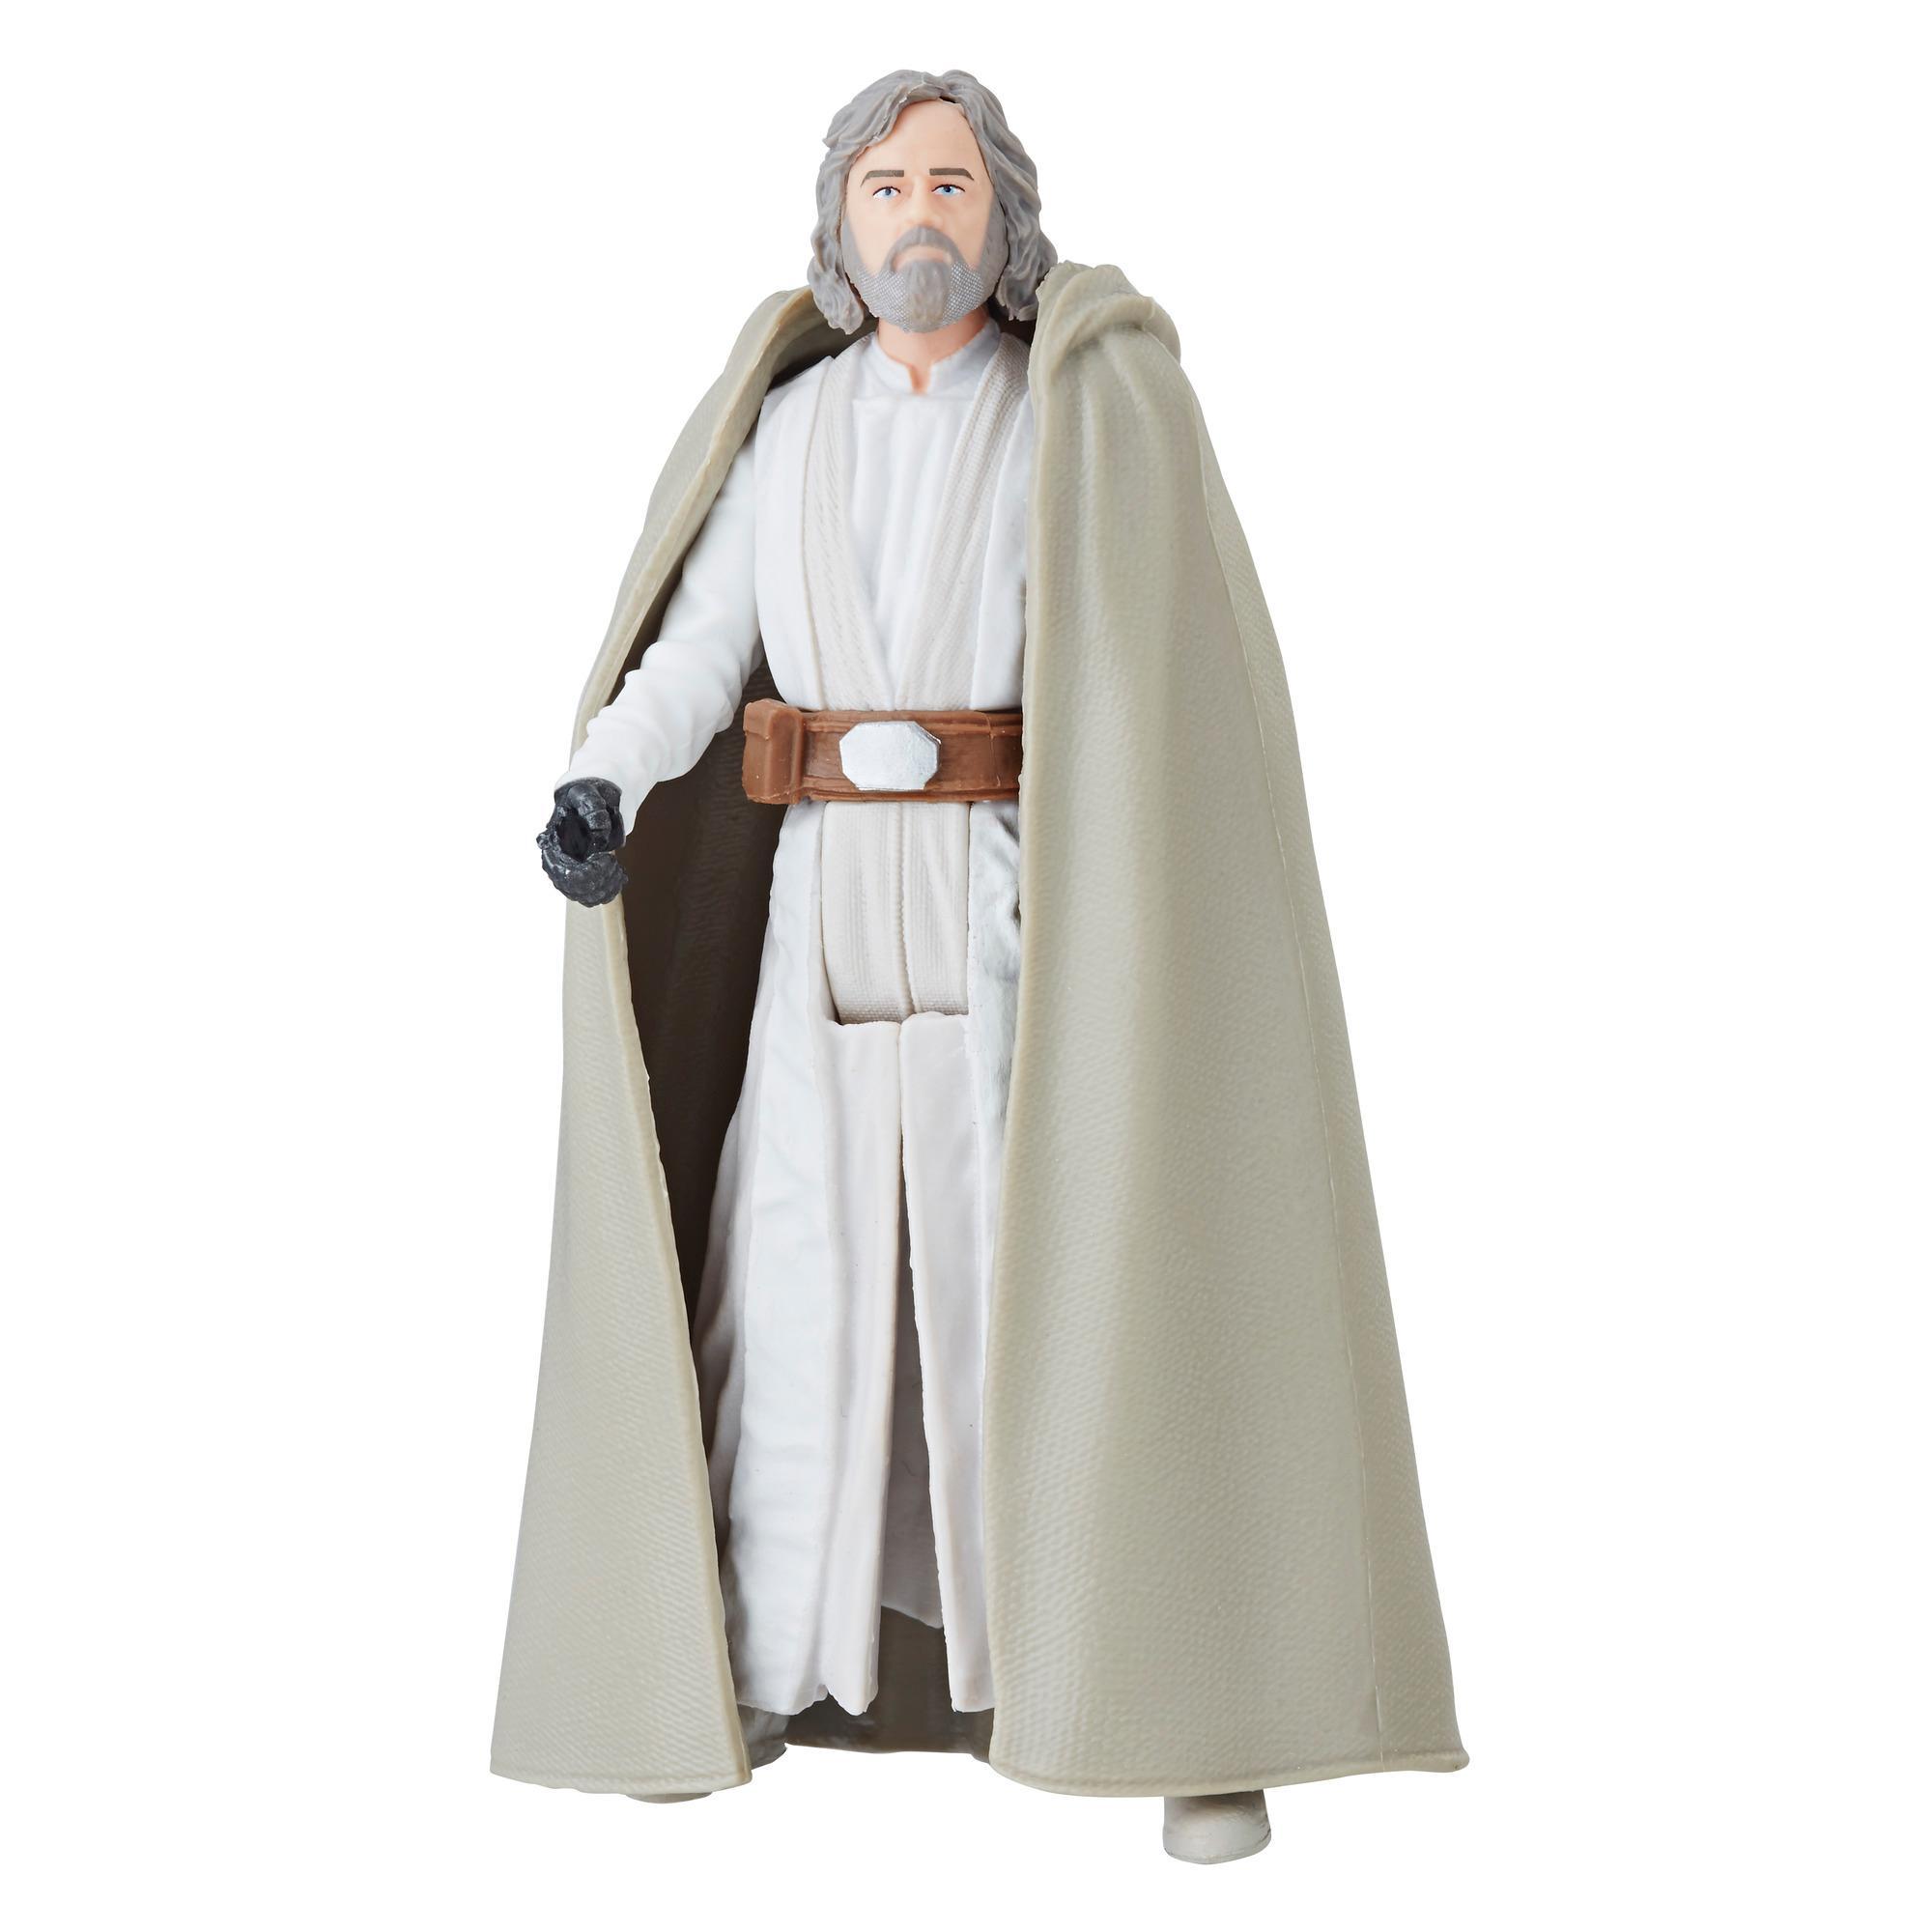 Star Wars Force Link 2.0 - Figura de Luke Skywalker (Jedi Master)